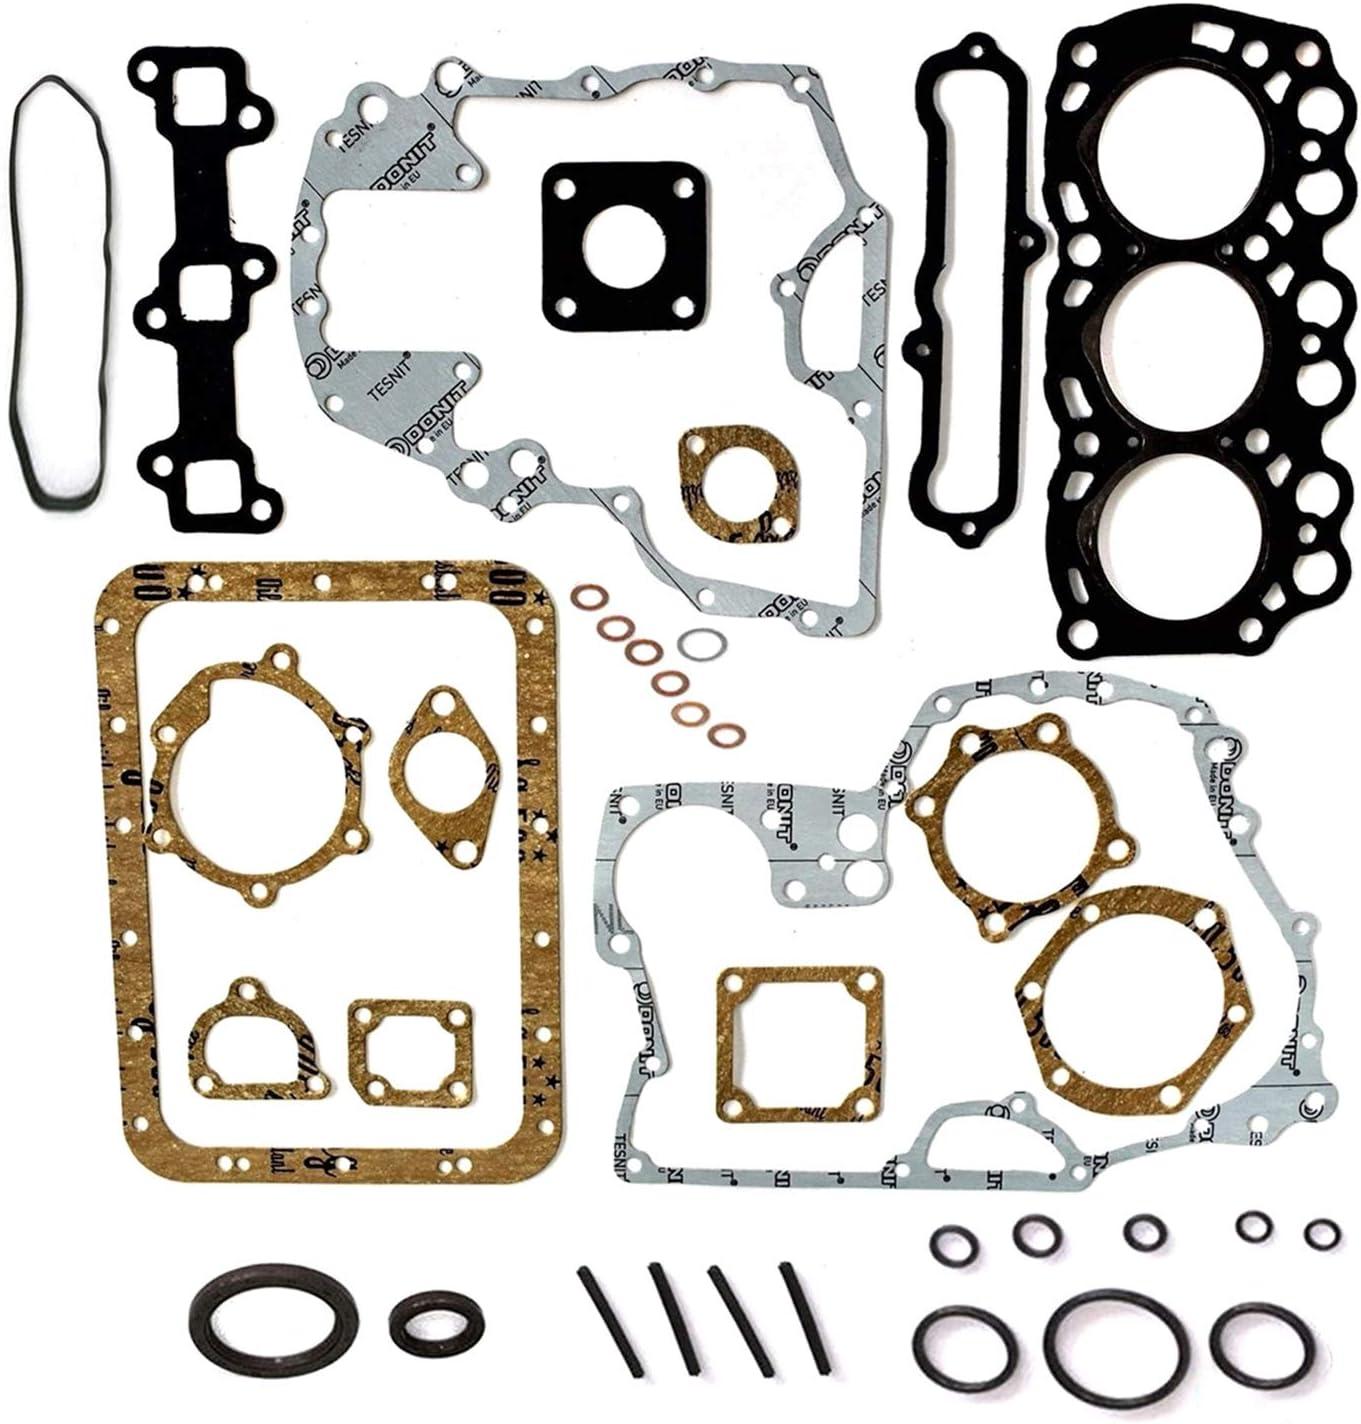 Nuovo Kit Guarnizioni Testa Revisione Completa Mm433975 30L94-15010 Md016-317 Md115472 Adatto per Motore Mitsubish i Mx15 L3e Peljob Eb12.4 Eb14 Cat 301.6C Mini Escavatore